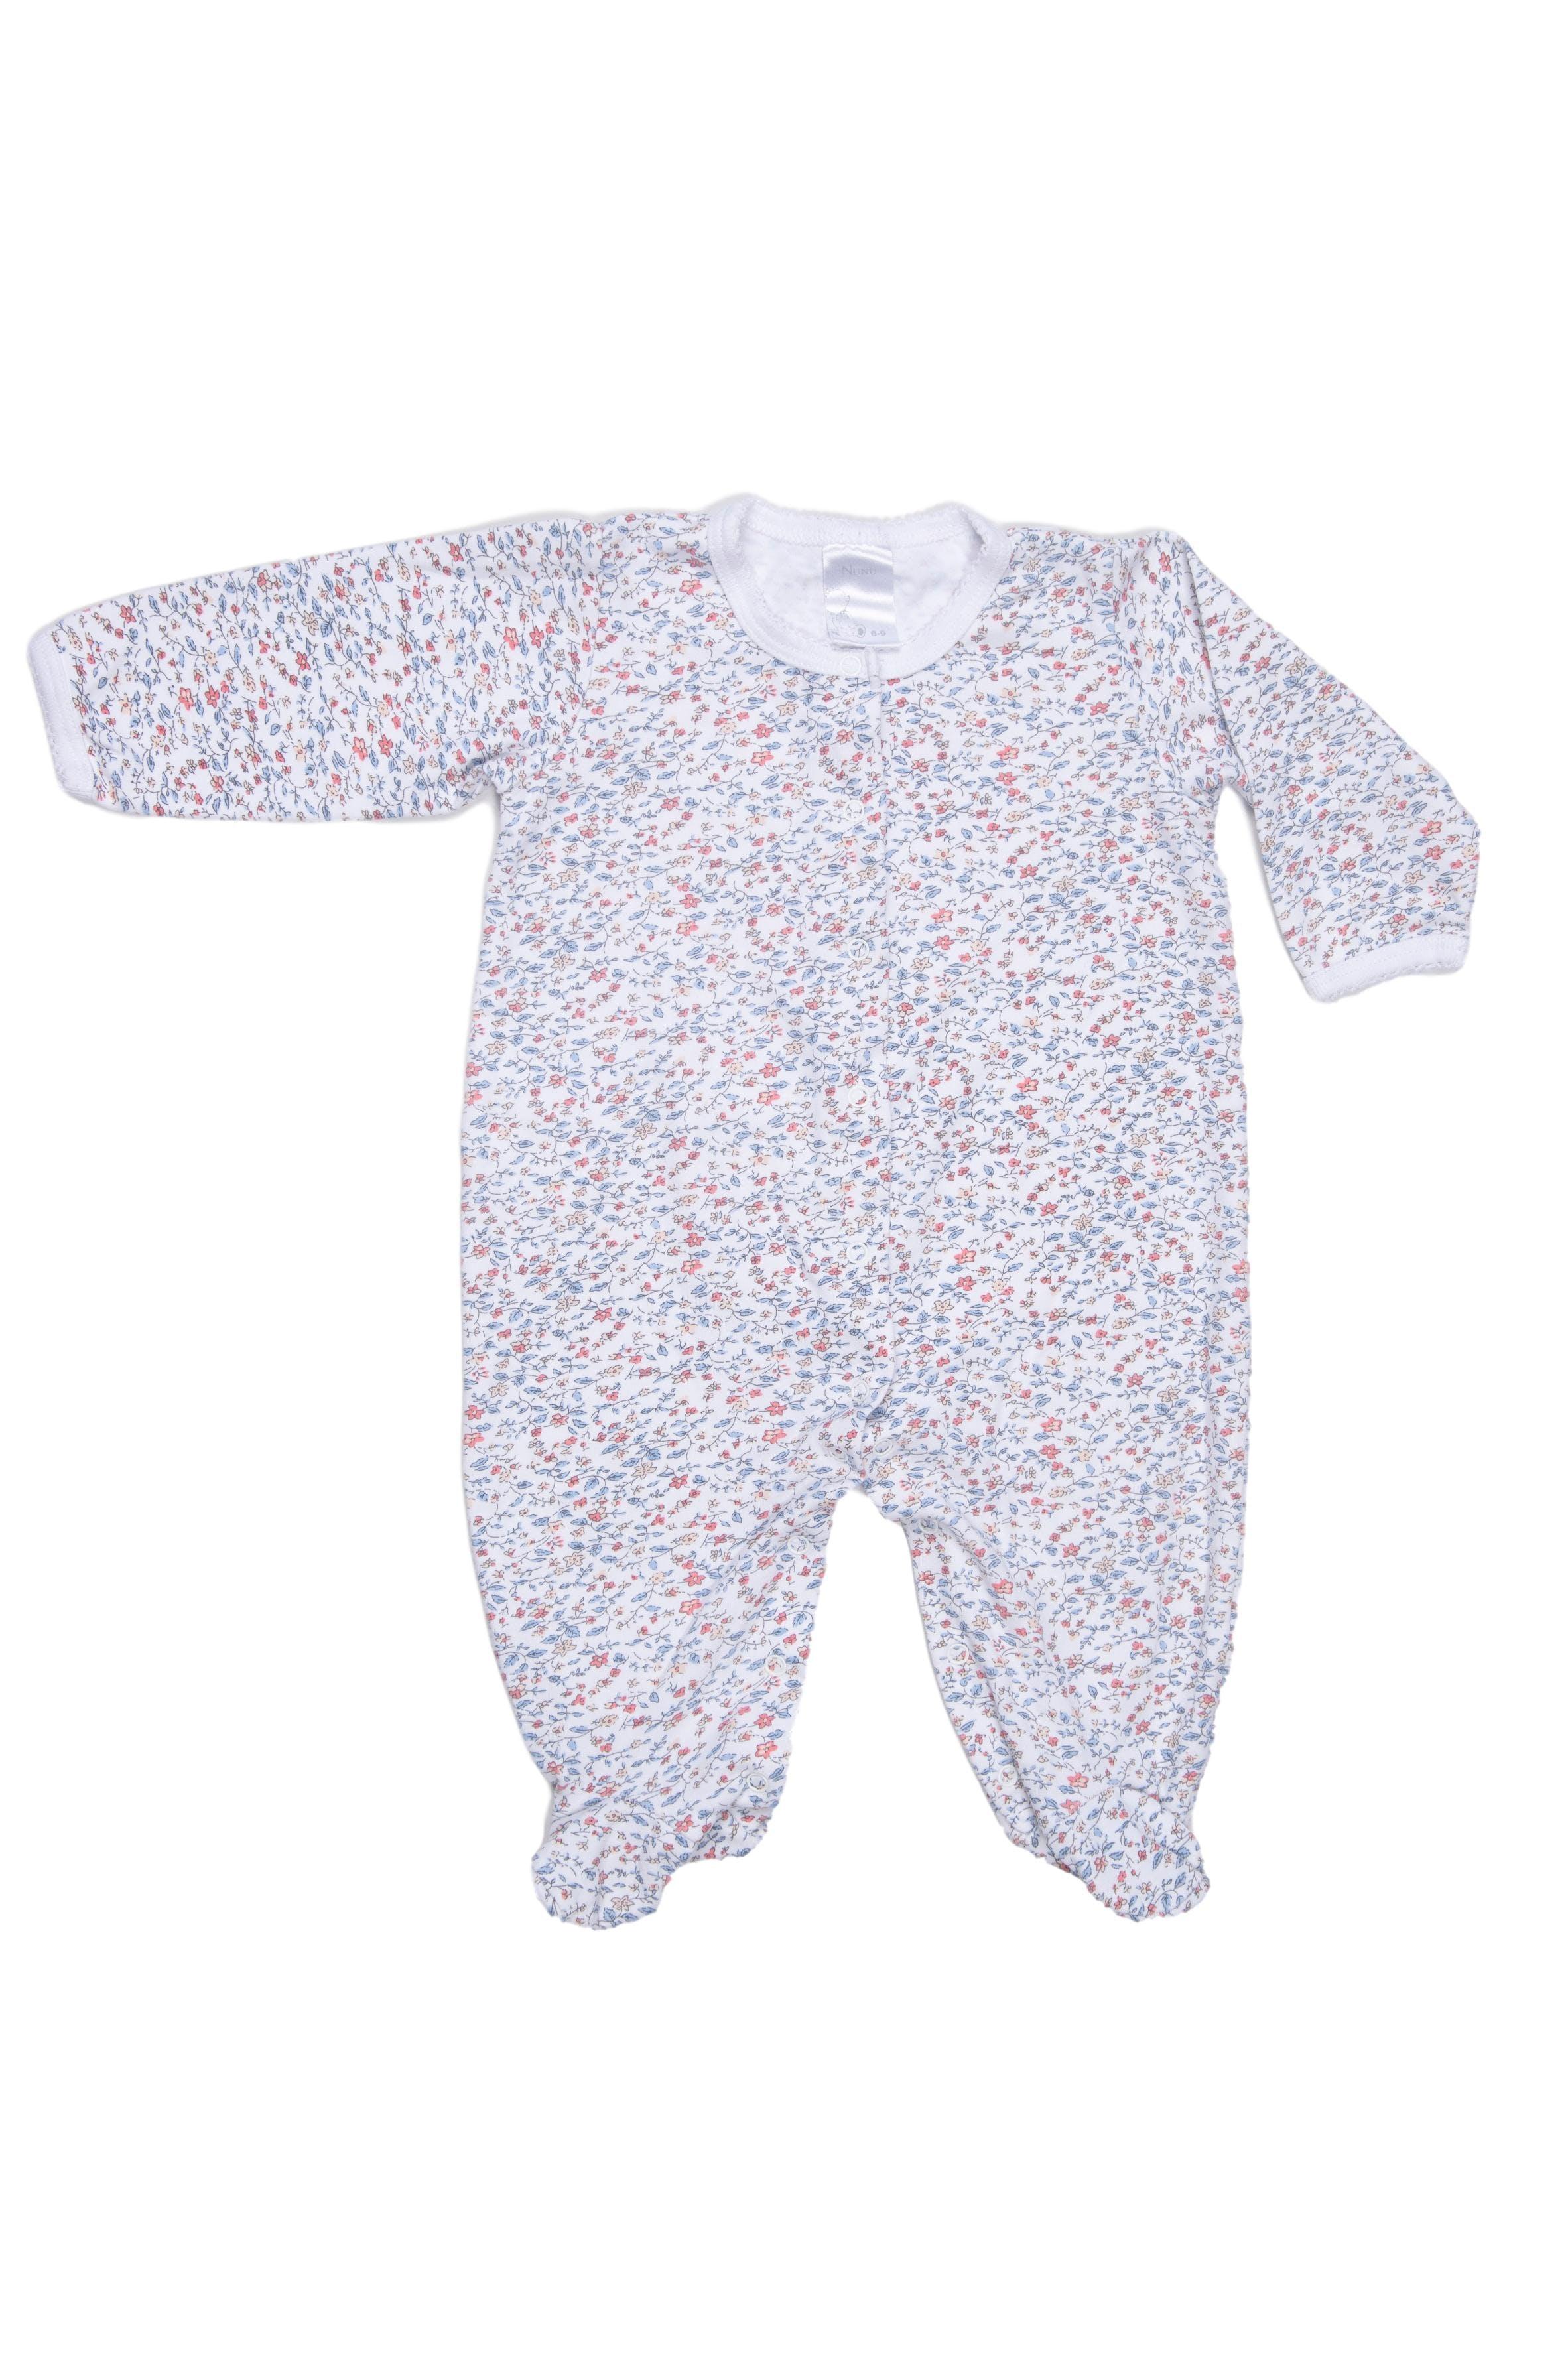 Pijama fondo blanco estampado de flores, doble tela en el pie, 100% algodón pima. Muy suavecita. - Nunu